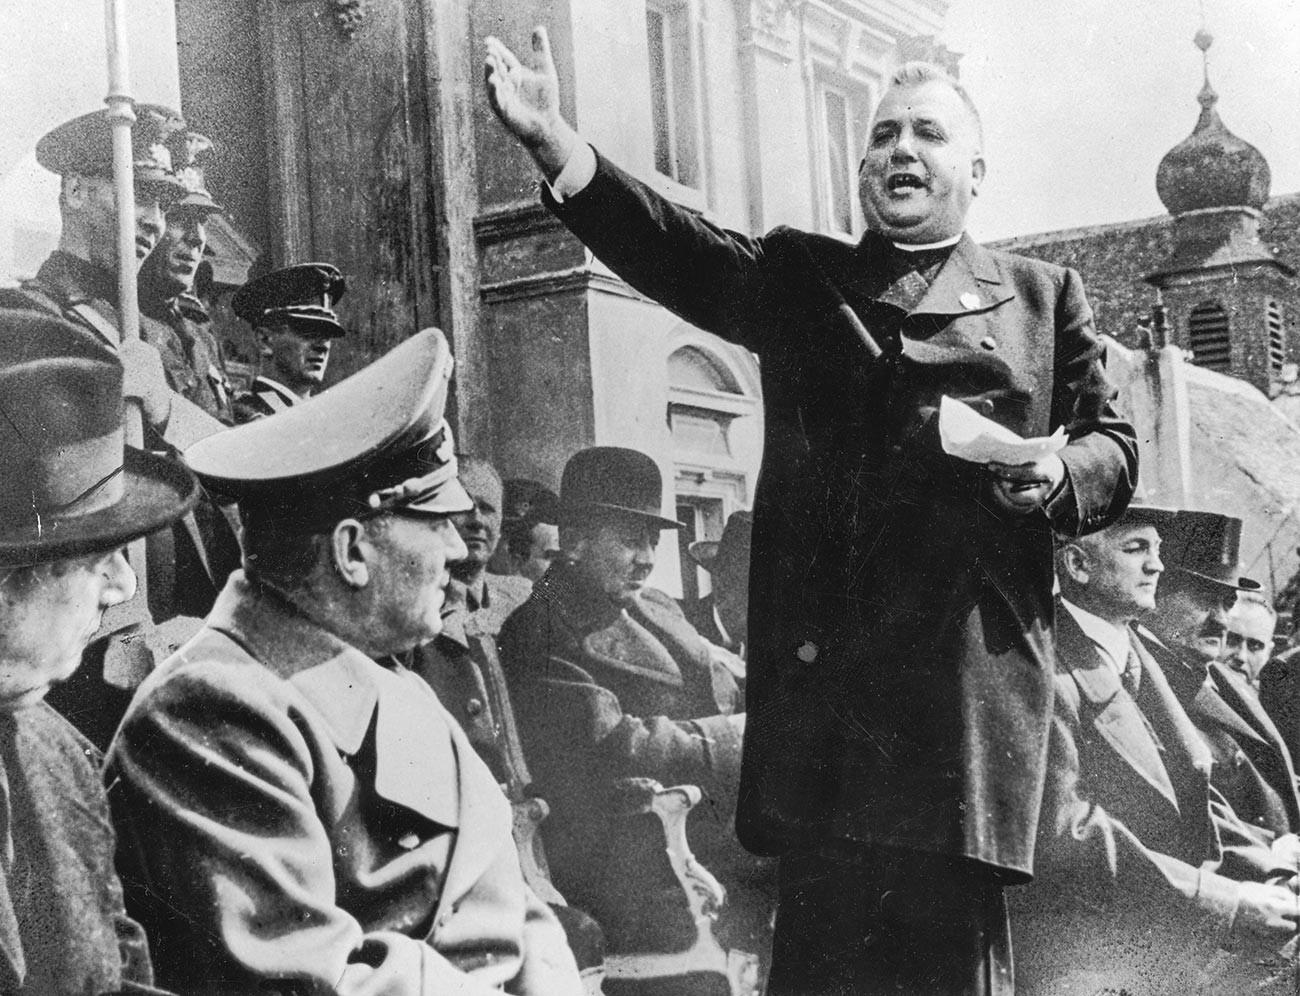 Der slowakische Priester und politische Führer Jozef Tiso heißt die Nazis 1939 in der Slowakei willkommen.